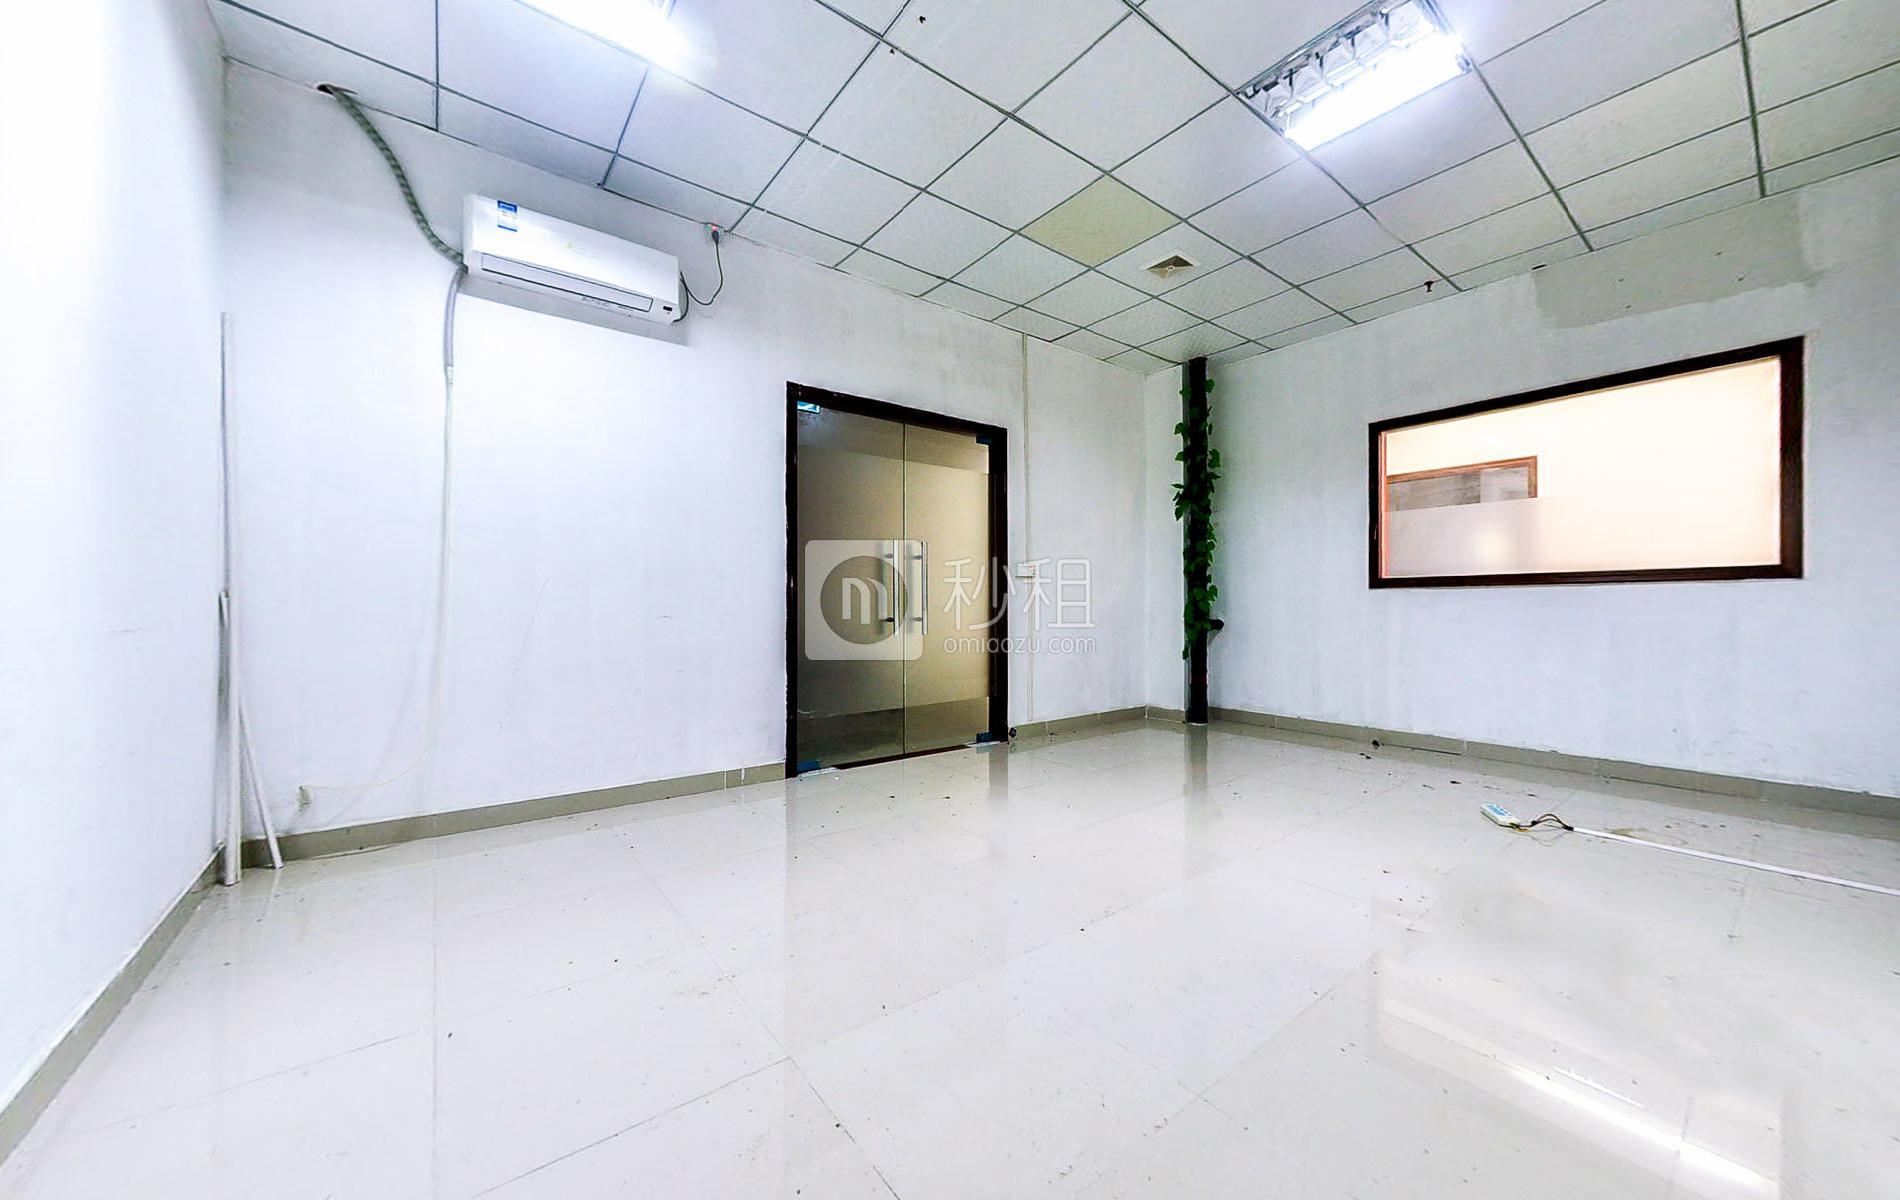 克伦特德荣大厦写字楼出租50平米简装办公室65元/m².月